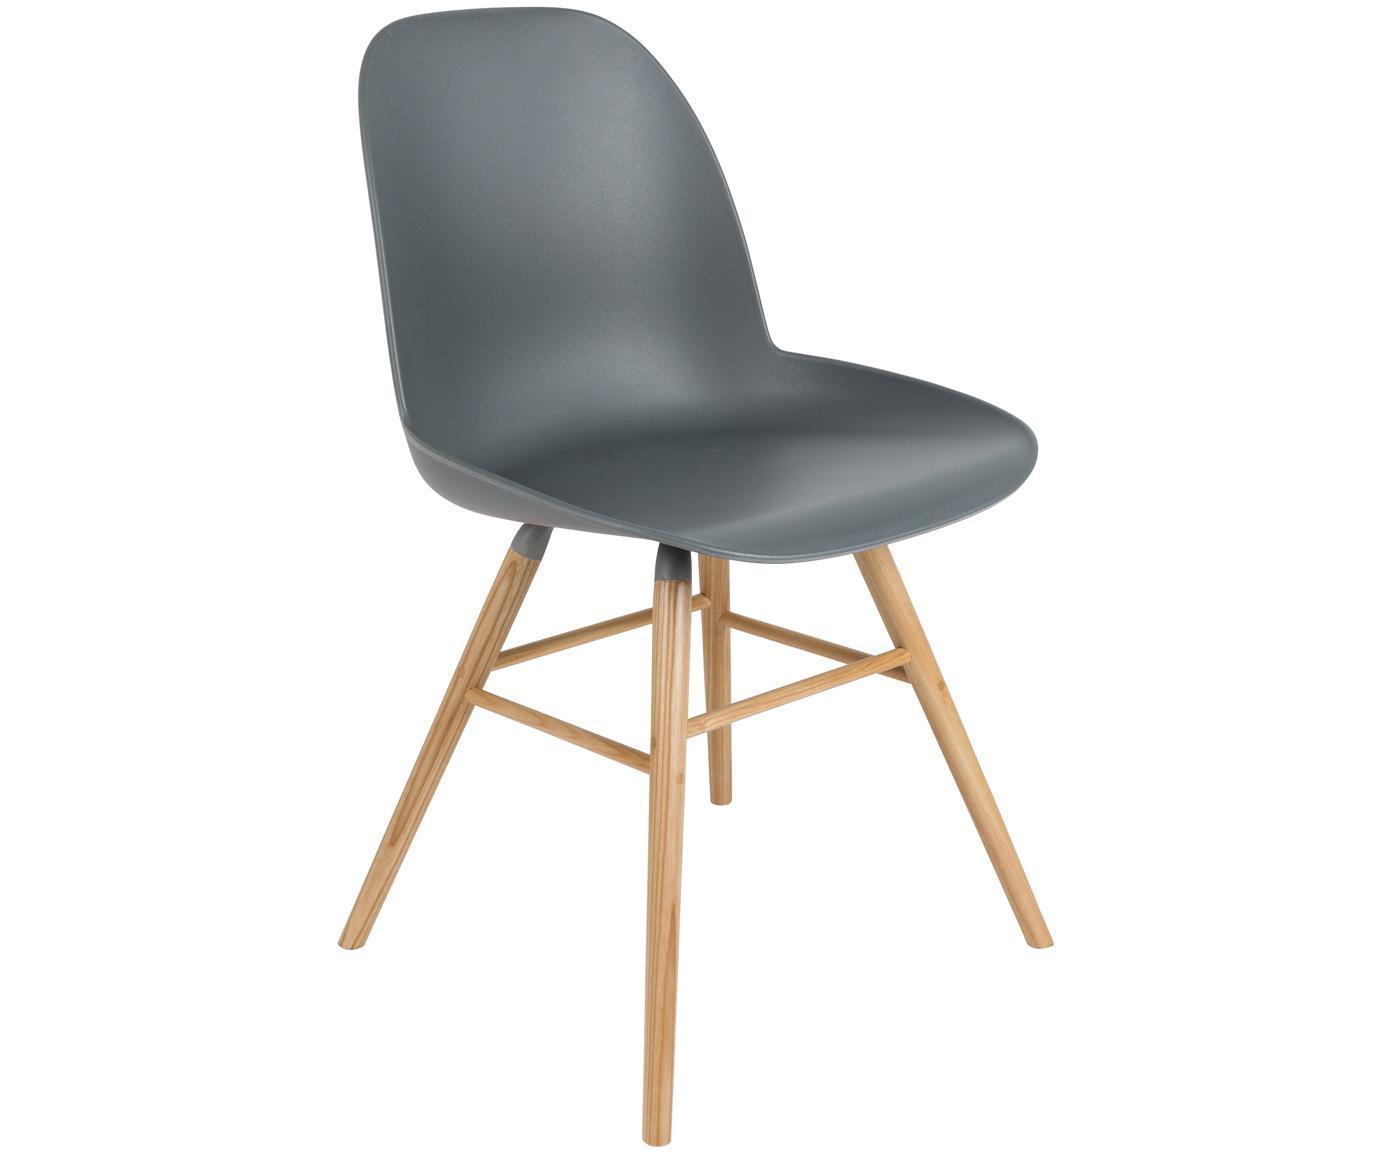 Krzesło Albert Kuip, Nogi: drewno dębowe, Szaroniebieski, S 49 x G 55 cm